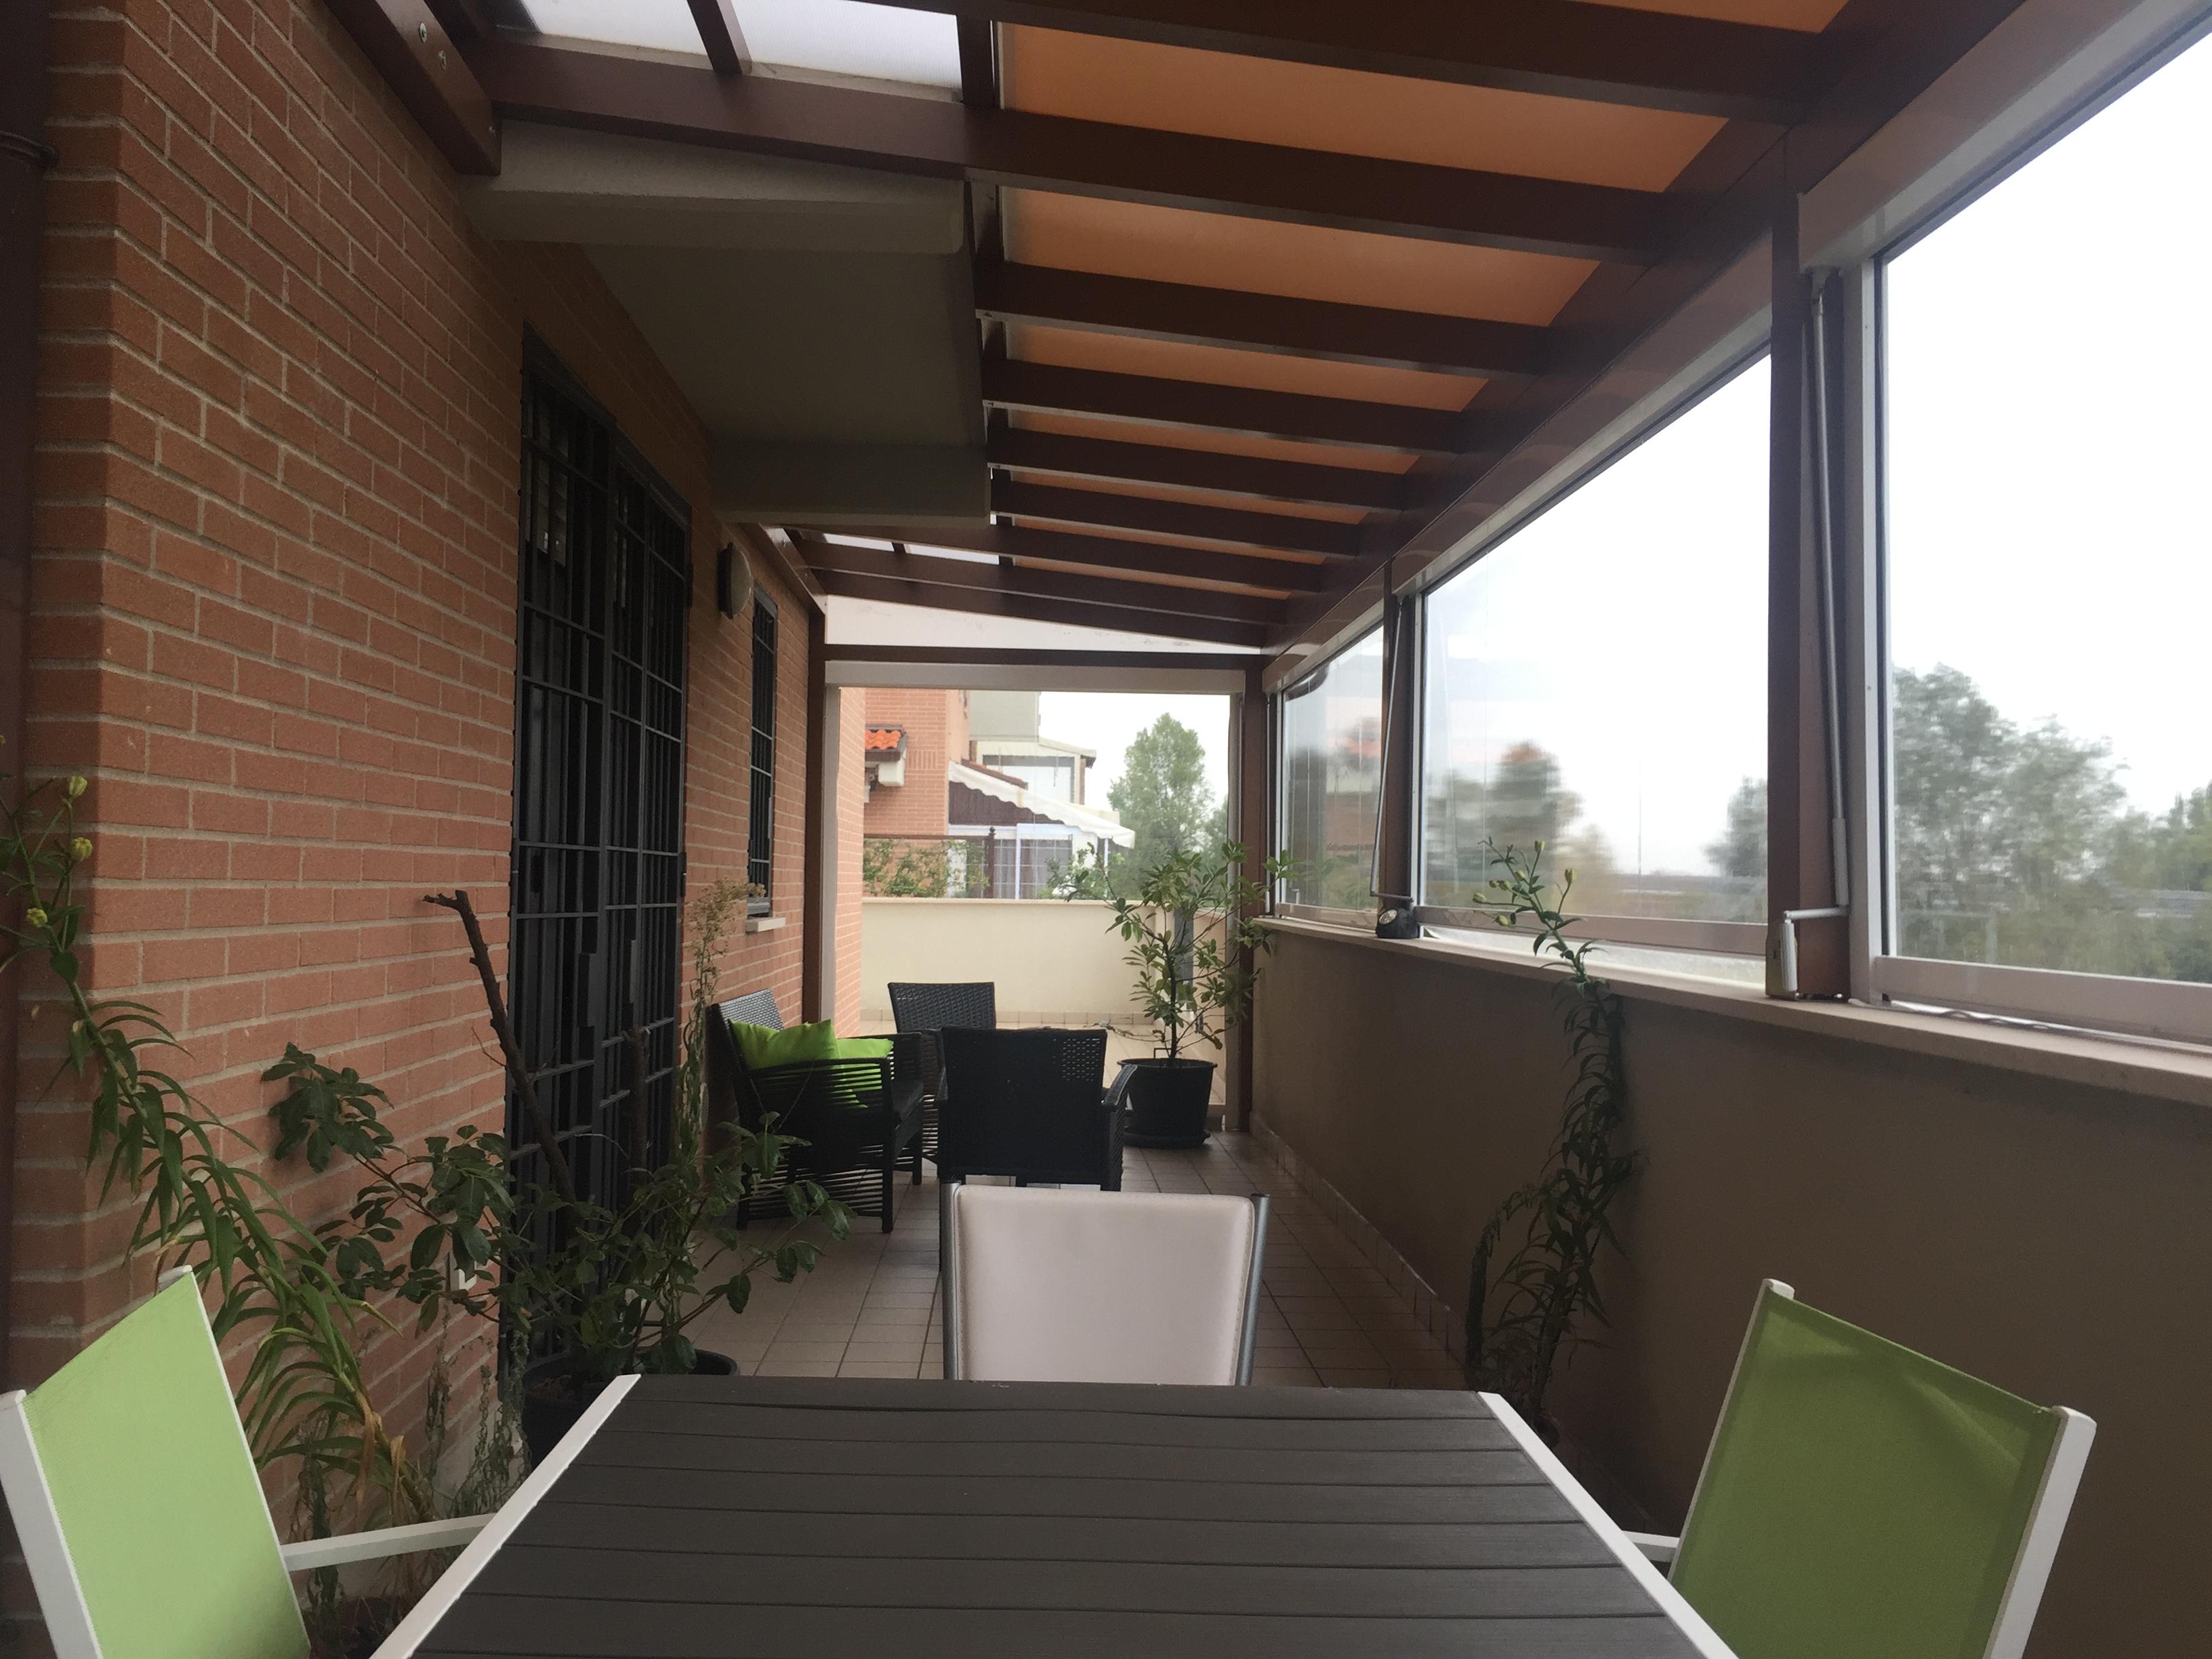 Coprire Terrazzo Con Veranda verande da esterno: cosa sono, permessi e detrazioni